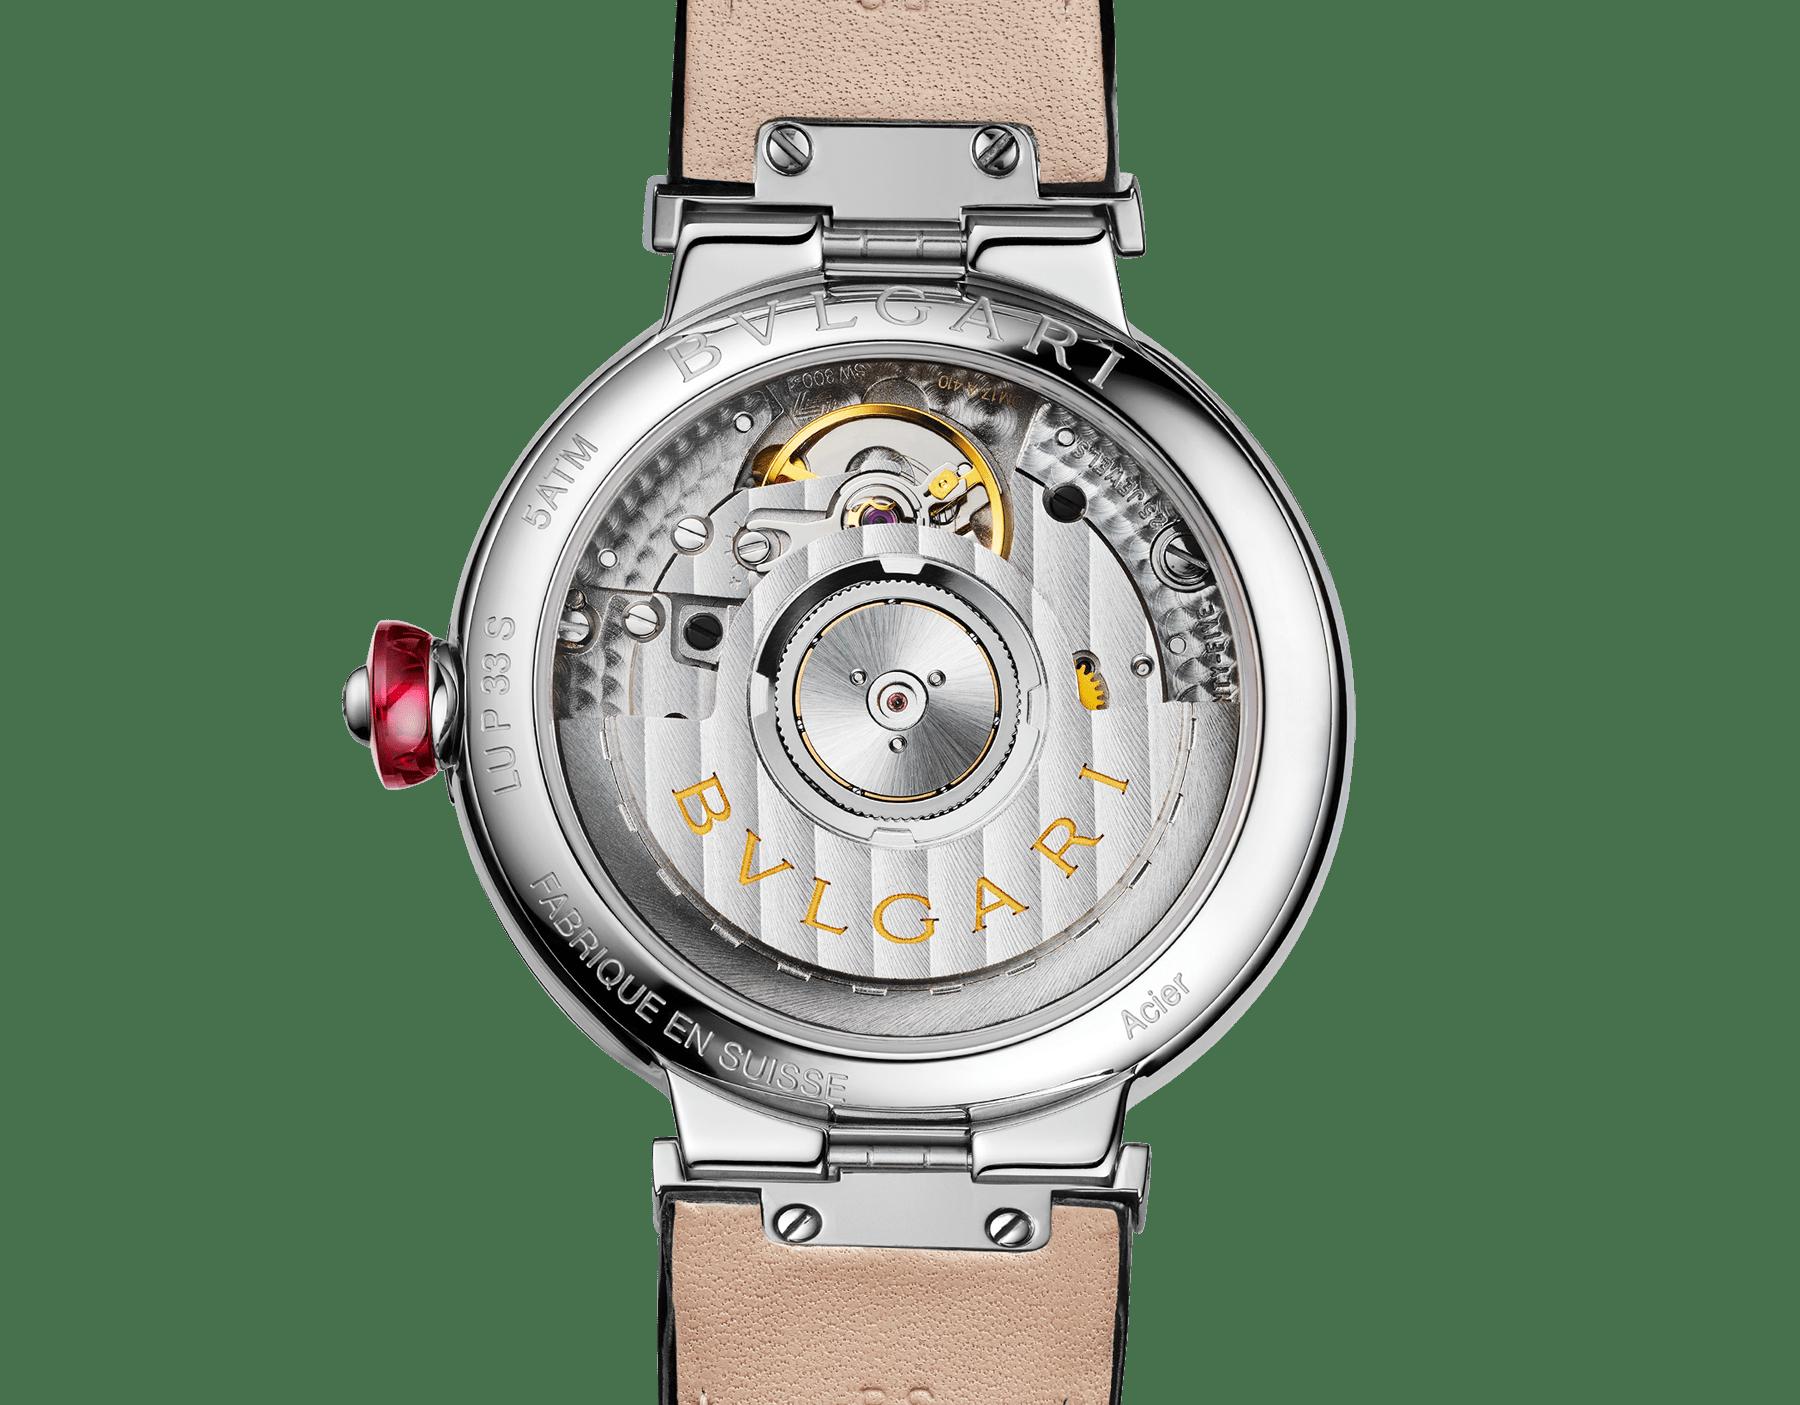 LVCEA Uhr mit Gehäuse aus Edelstahl, Zifferblatt mit weißem Perlmutt-Intarsio, Diamantindizes und schwarzem Armband aus Alligatorleder 103478 image 4